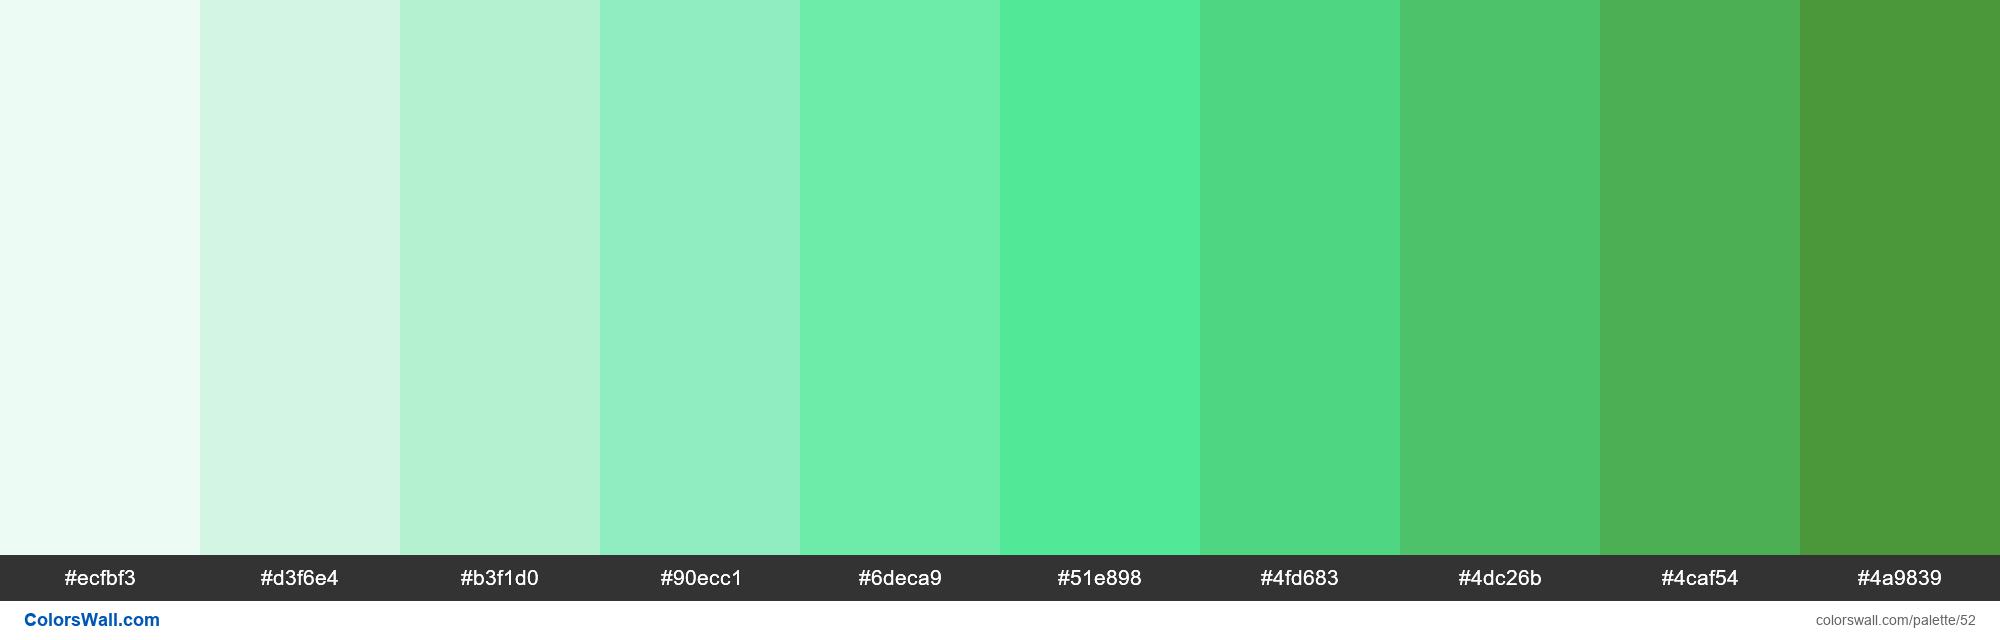 Trello Lime colors palette - #52